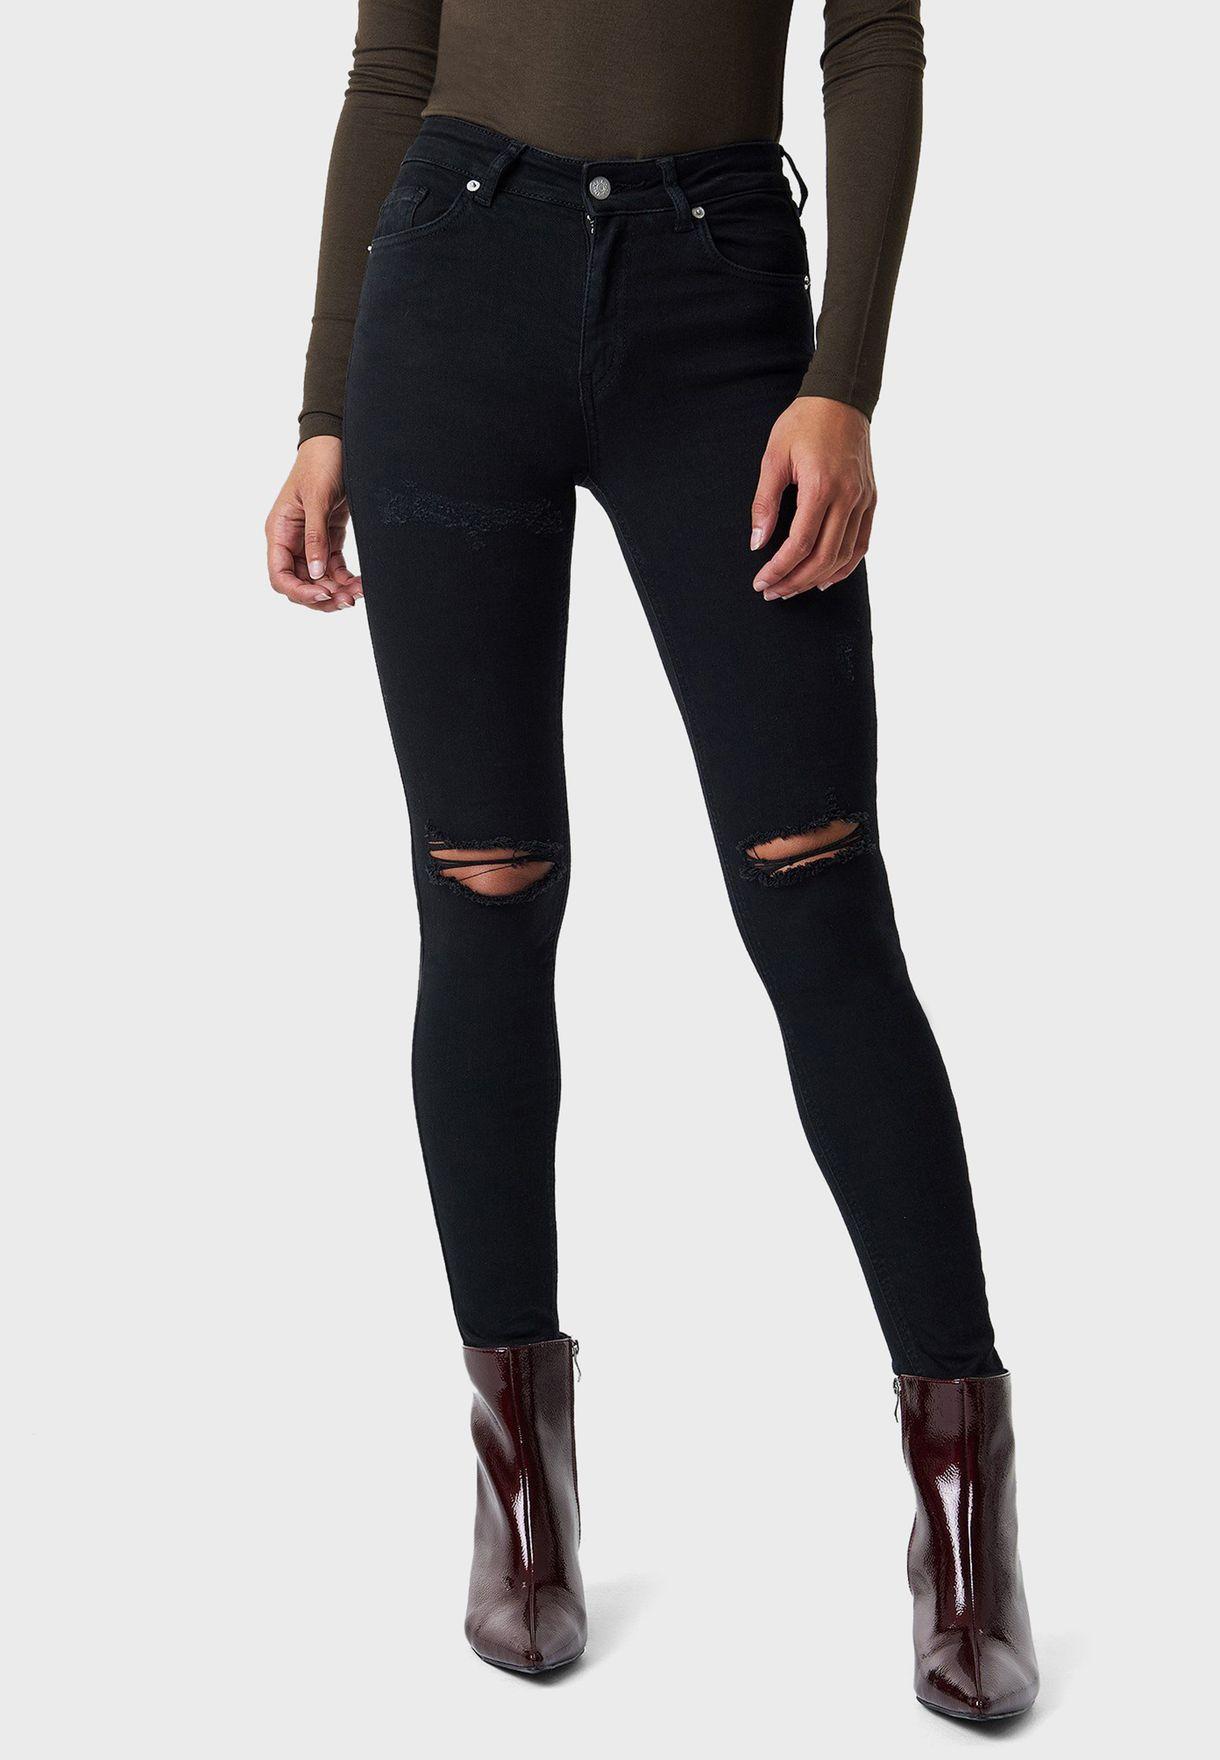 جينز سكيني بشقوق عند الركبة